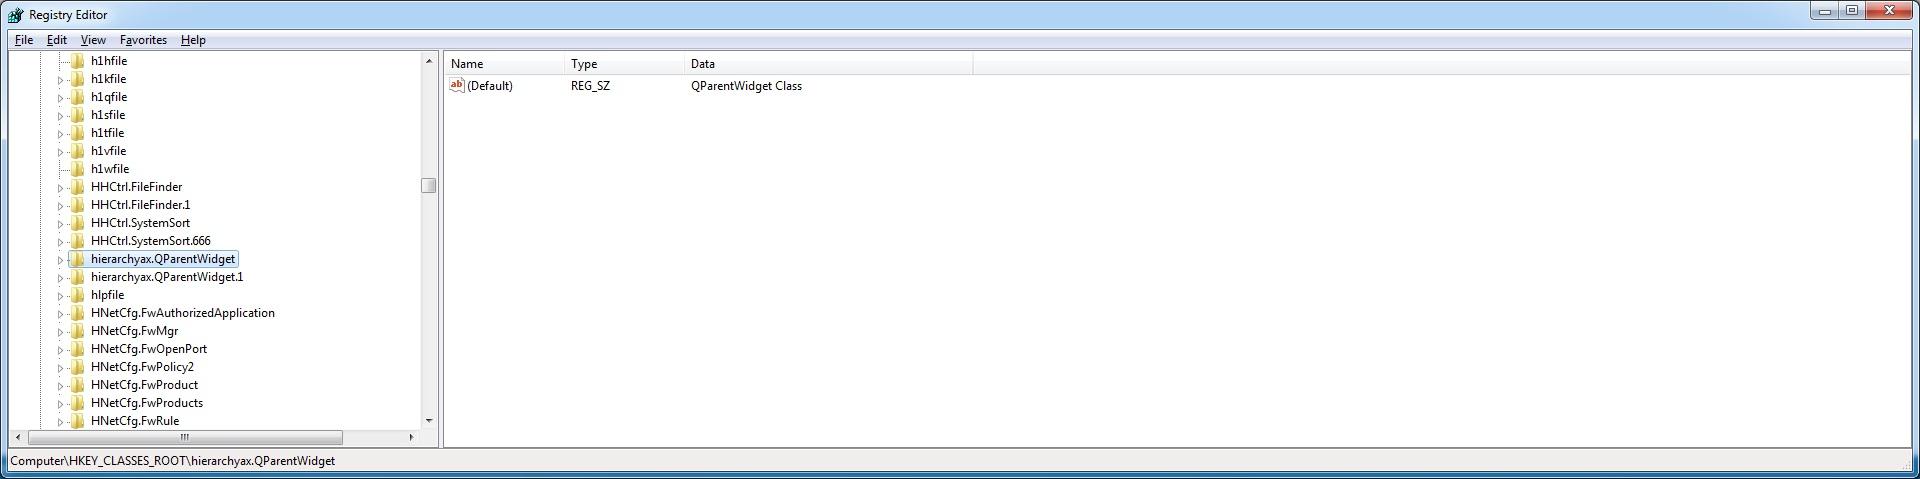 0_1521208952788_hierarchyax1.jpg